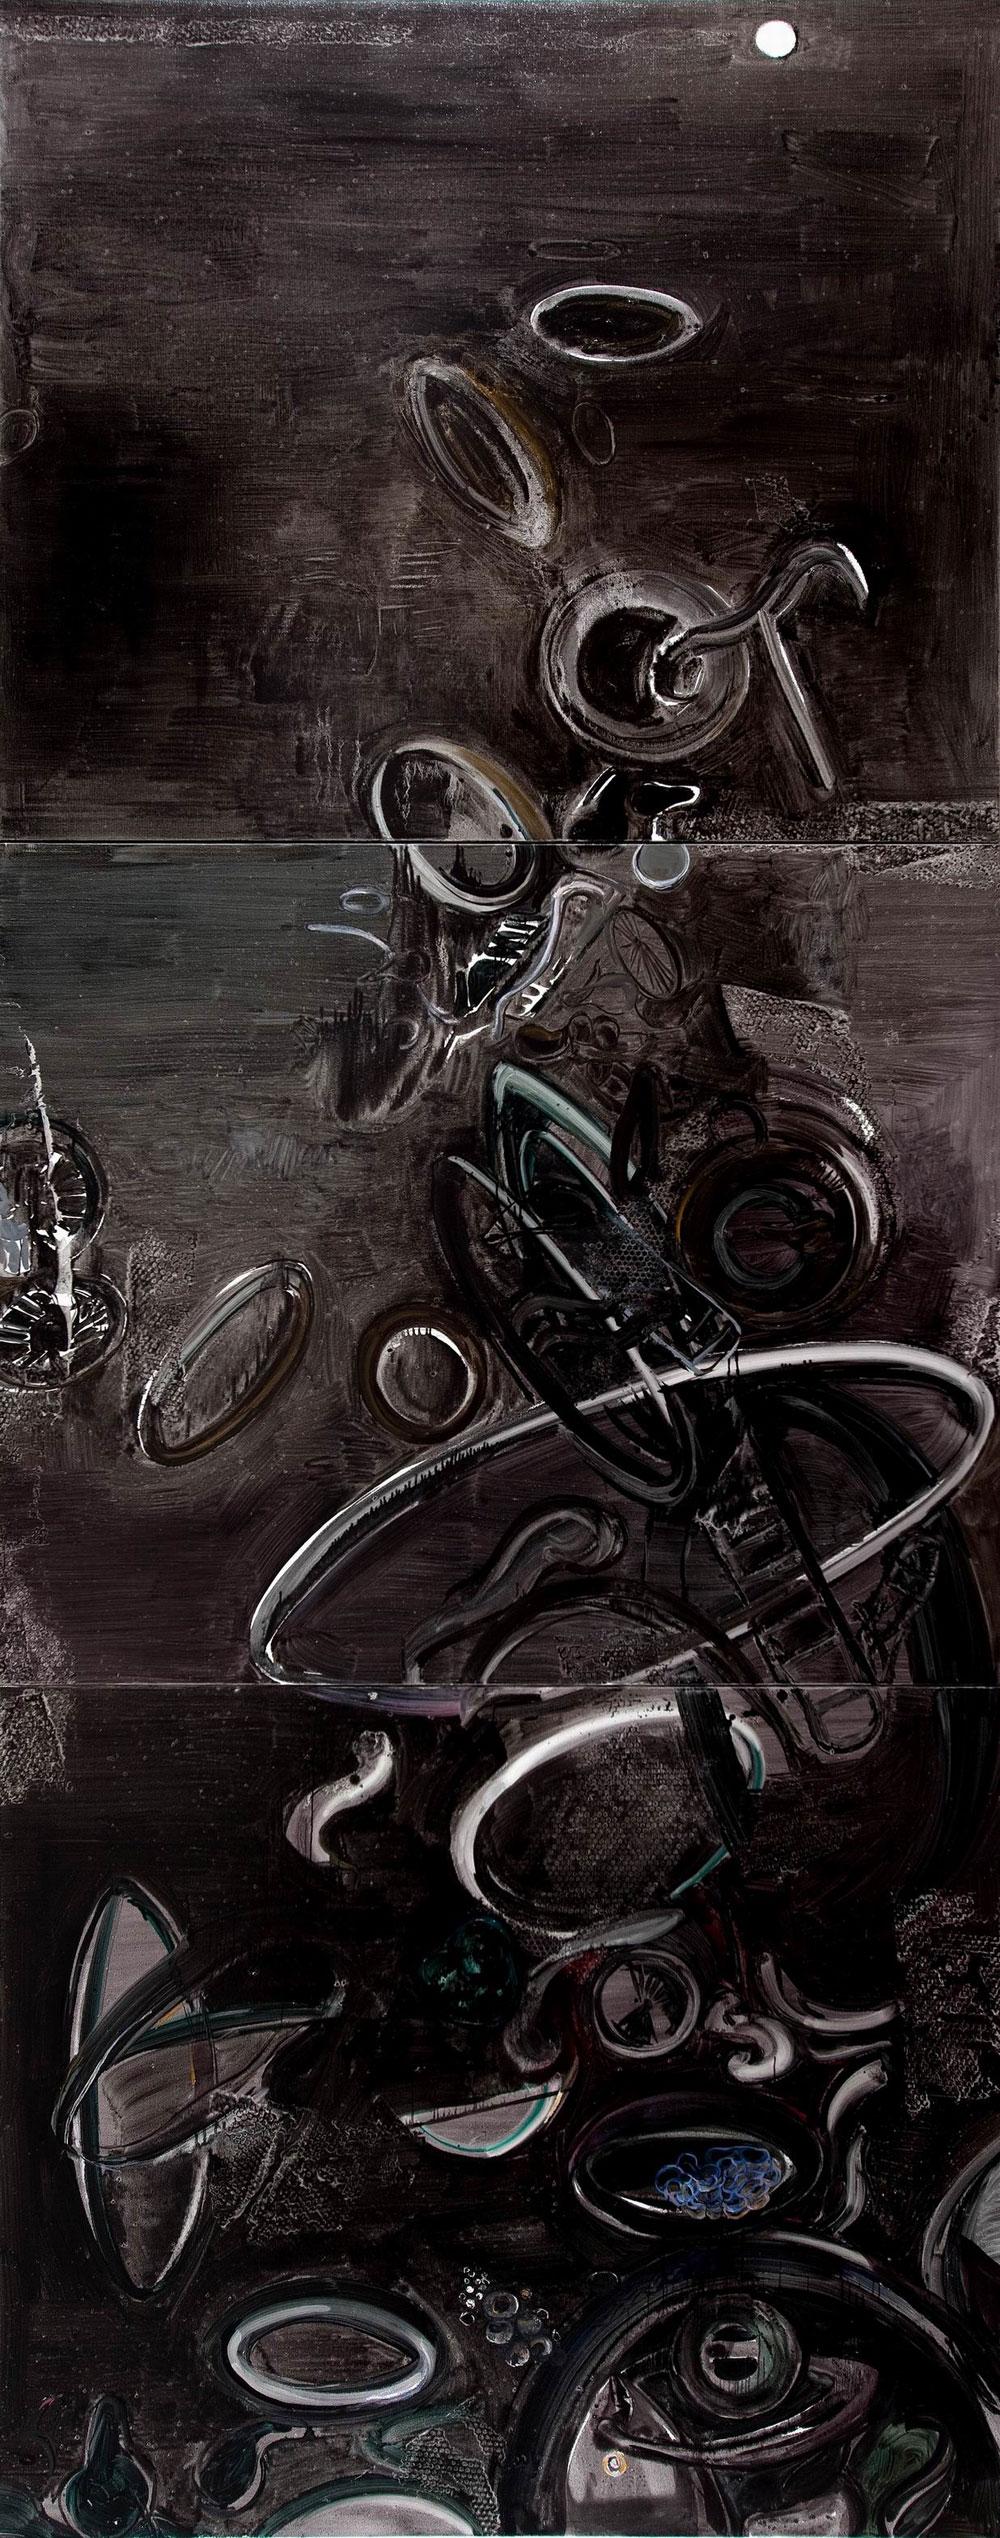 Falling Bicycle